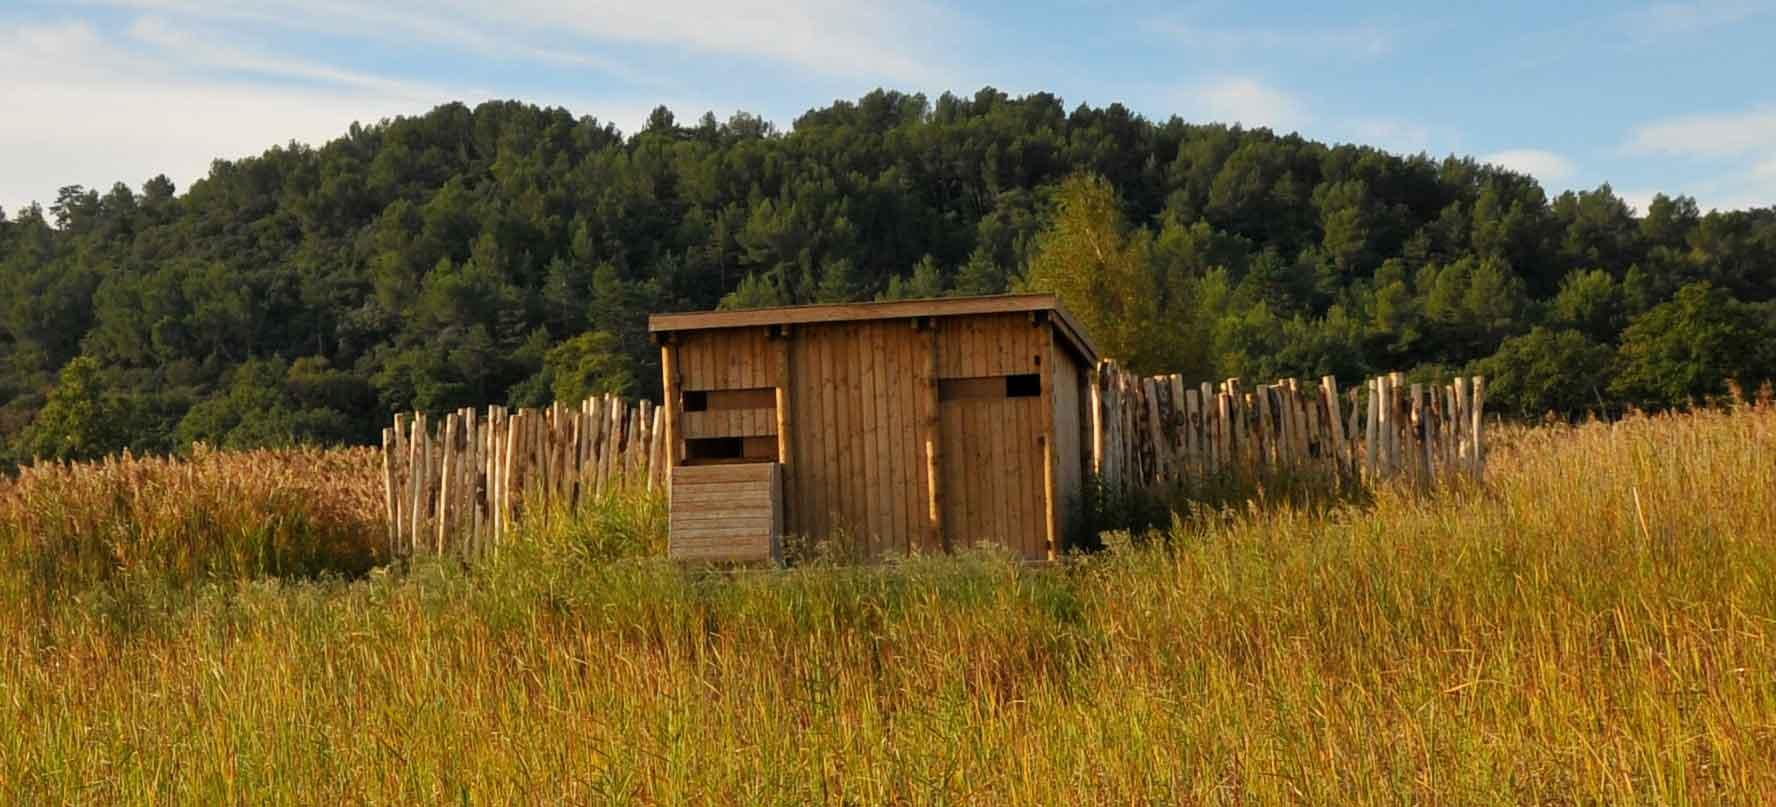 Observatoire ornithologique en bois sur l'étang salé de Courthézon